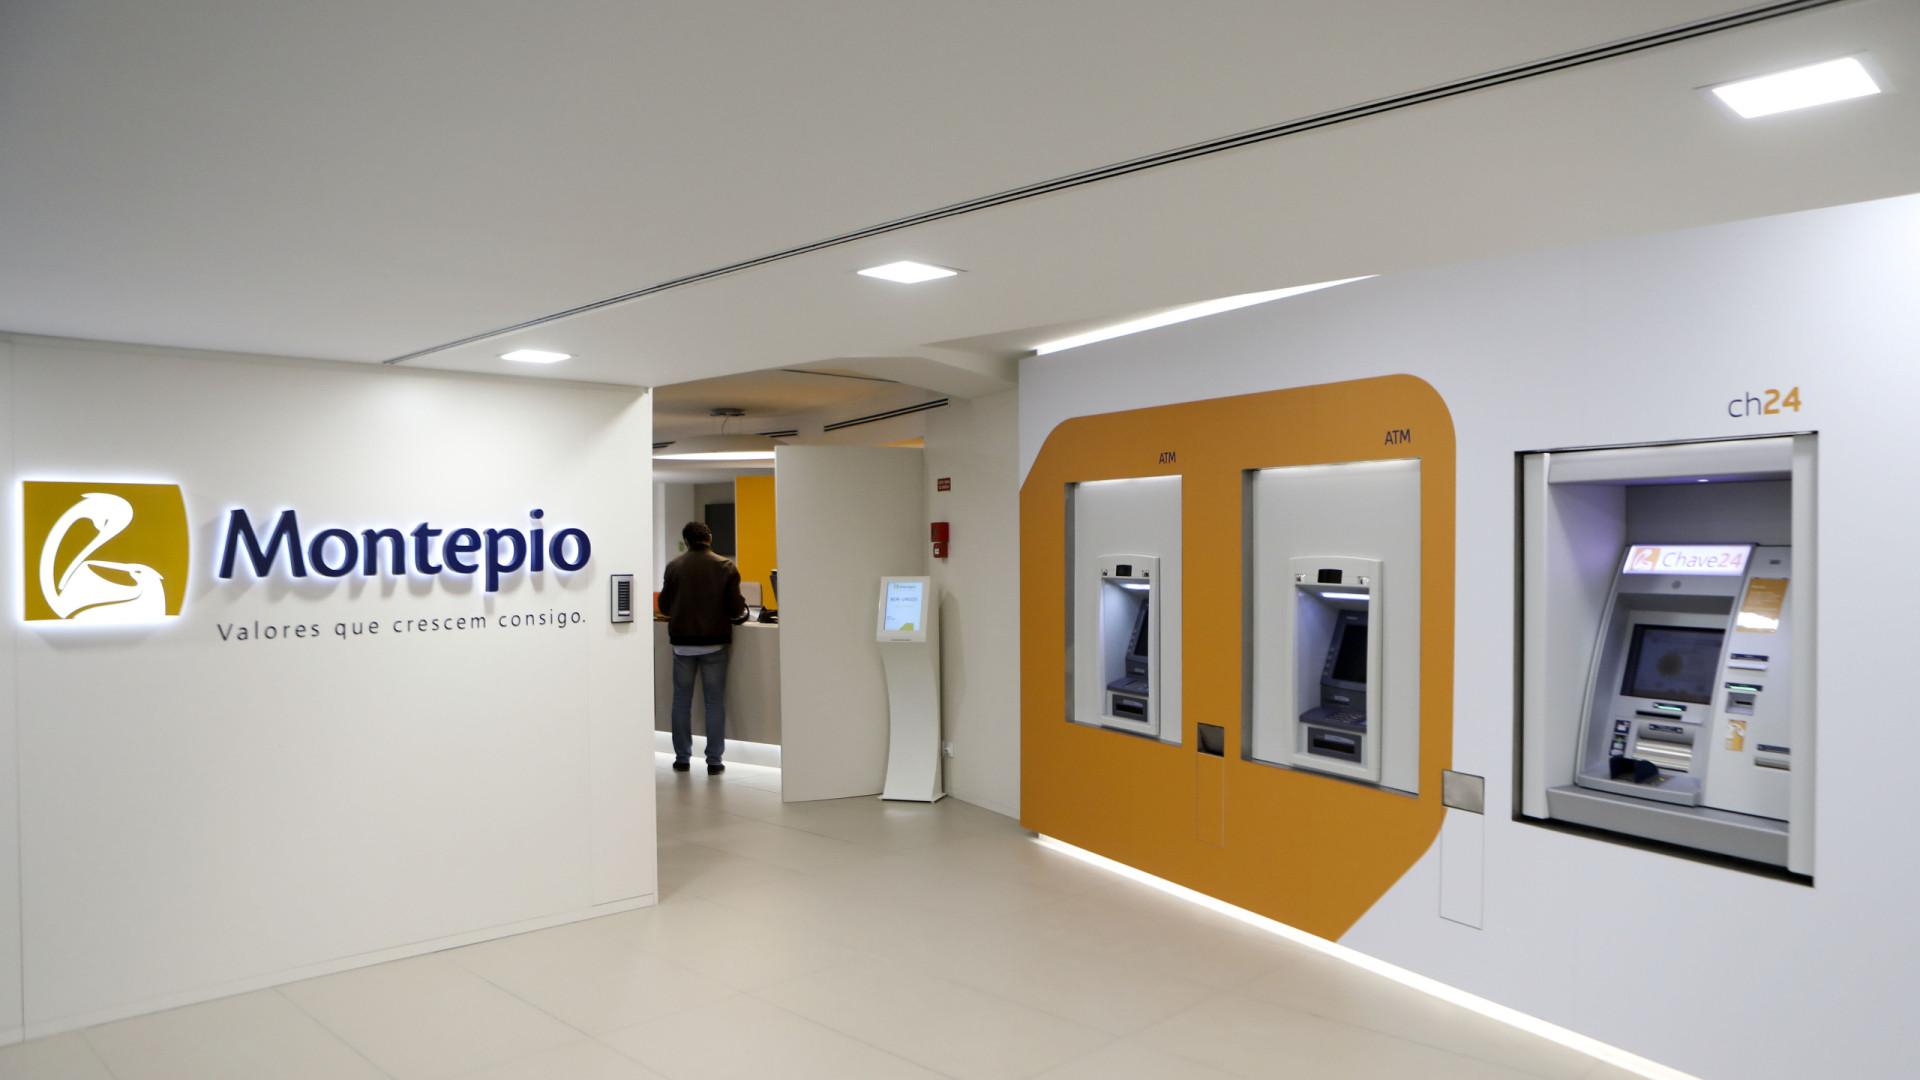 Montepio perde 3,6 milhões com a venda do moçambicano Banco Terra